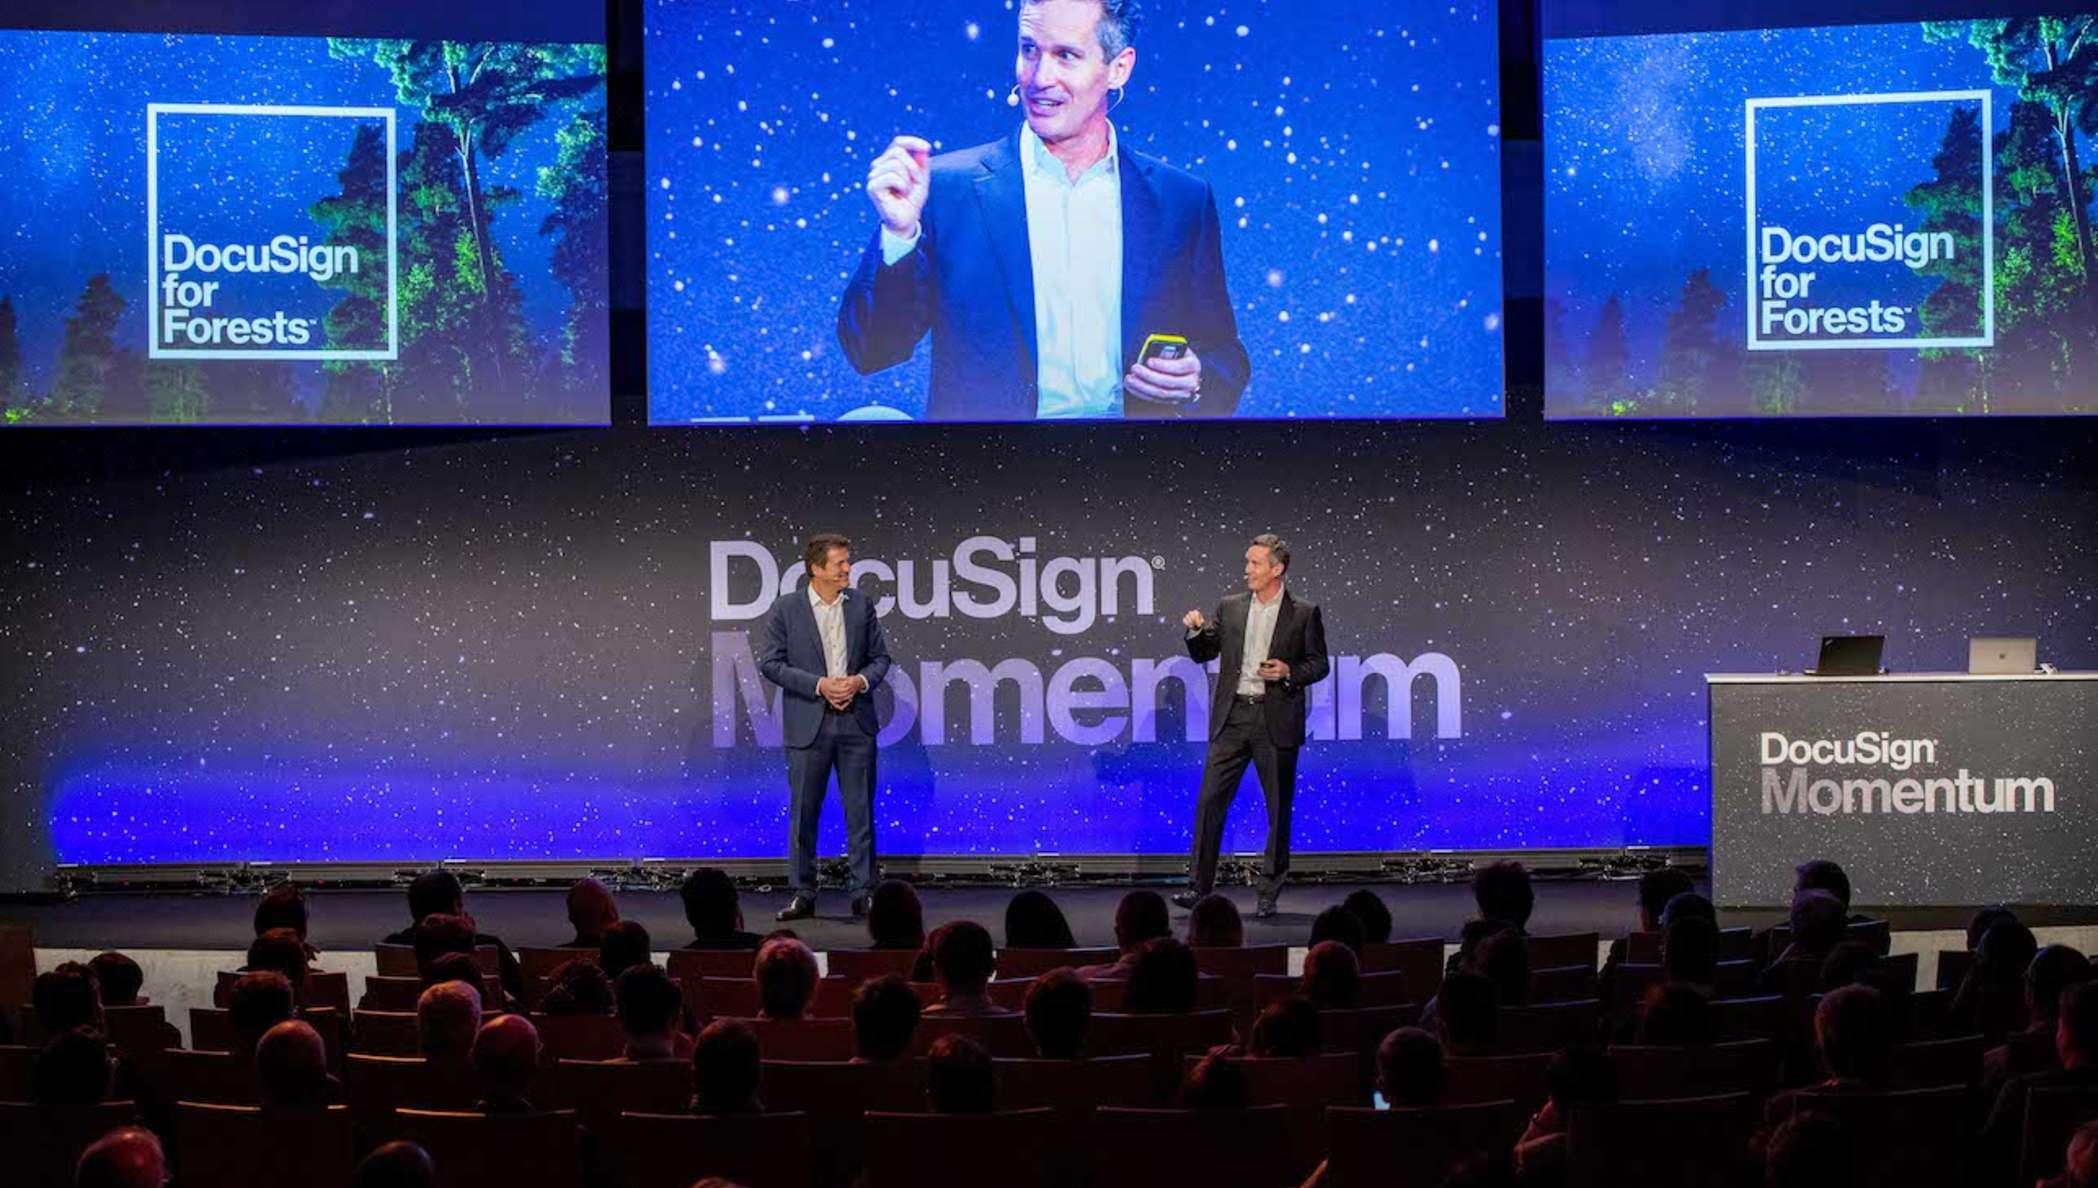 DocuSign Momentum Paris, 10 Octobre 2019